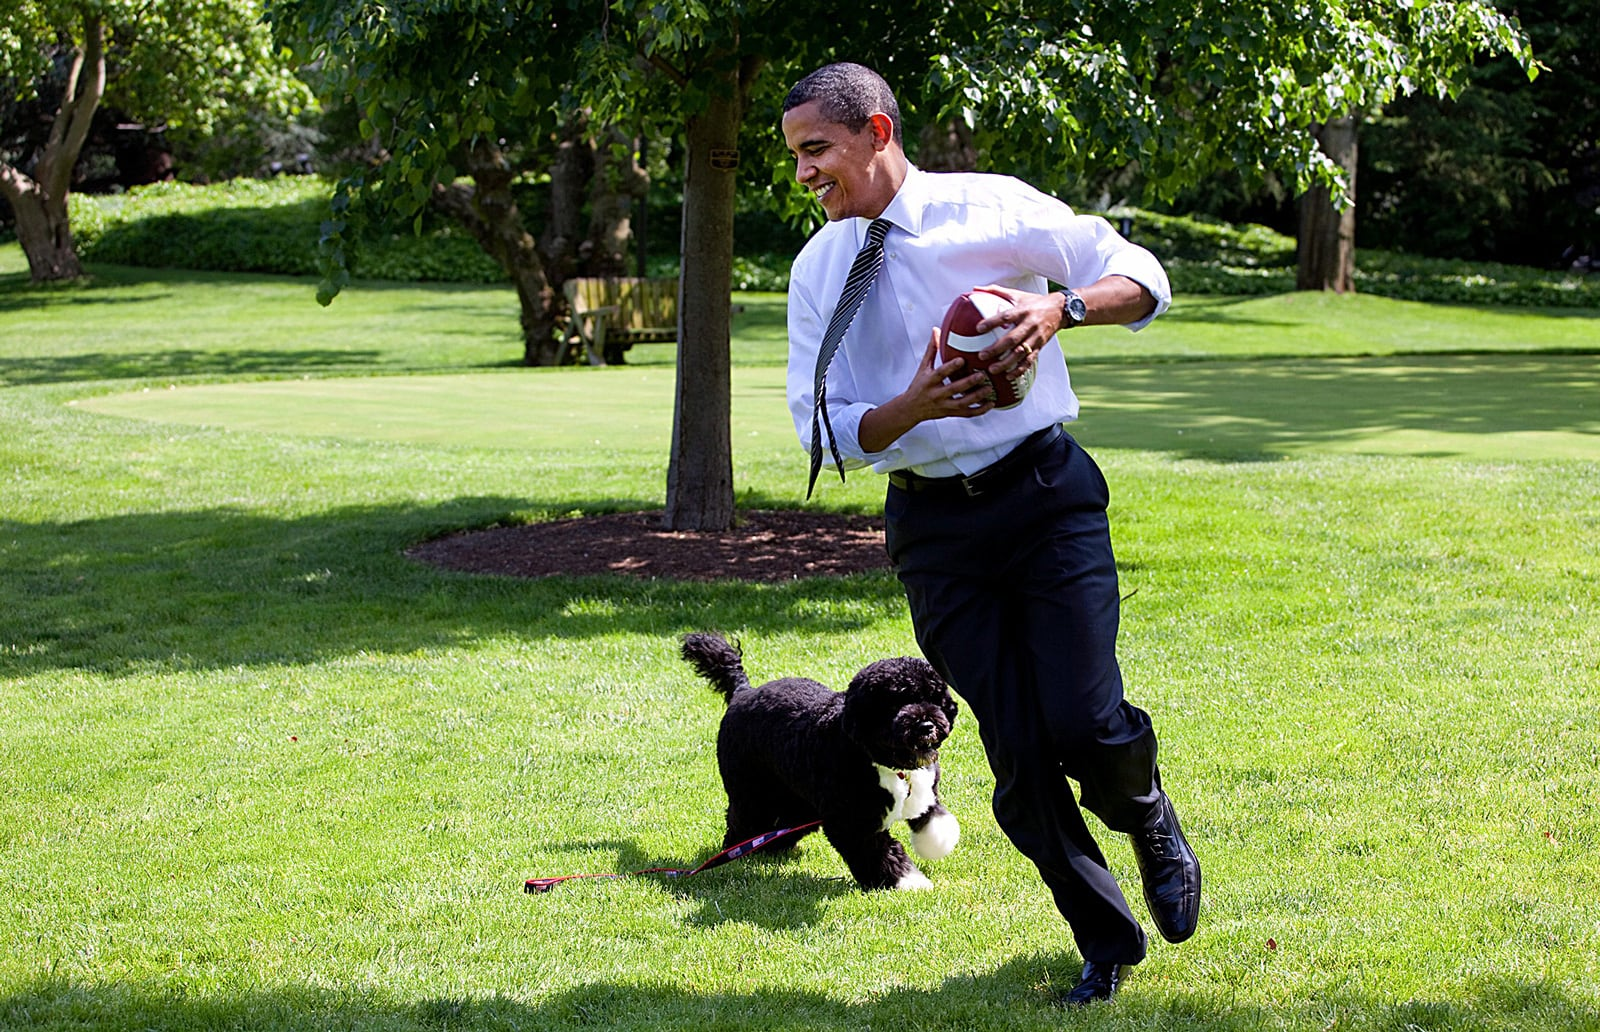 Barak Obama jugant amb el seu gos als jardins de la Casa Blanca, maig del 2009. Fotografia de Pete Souza.